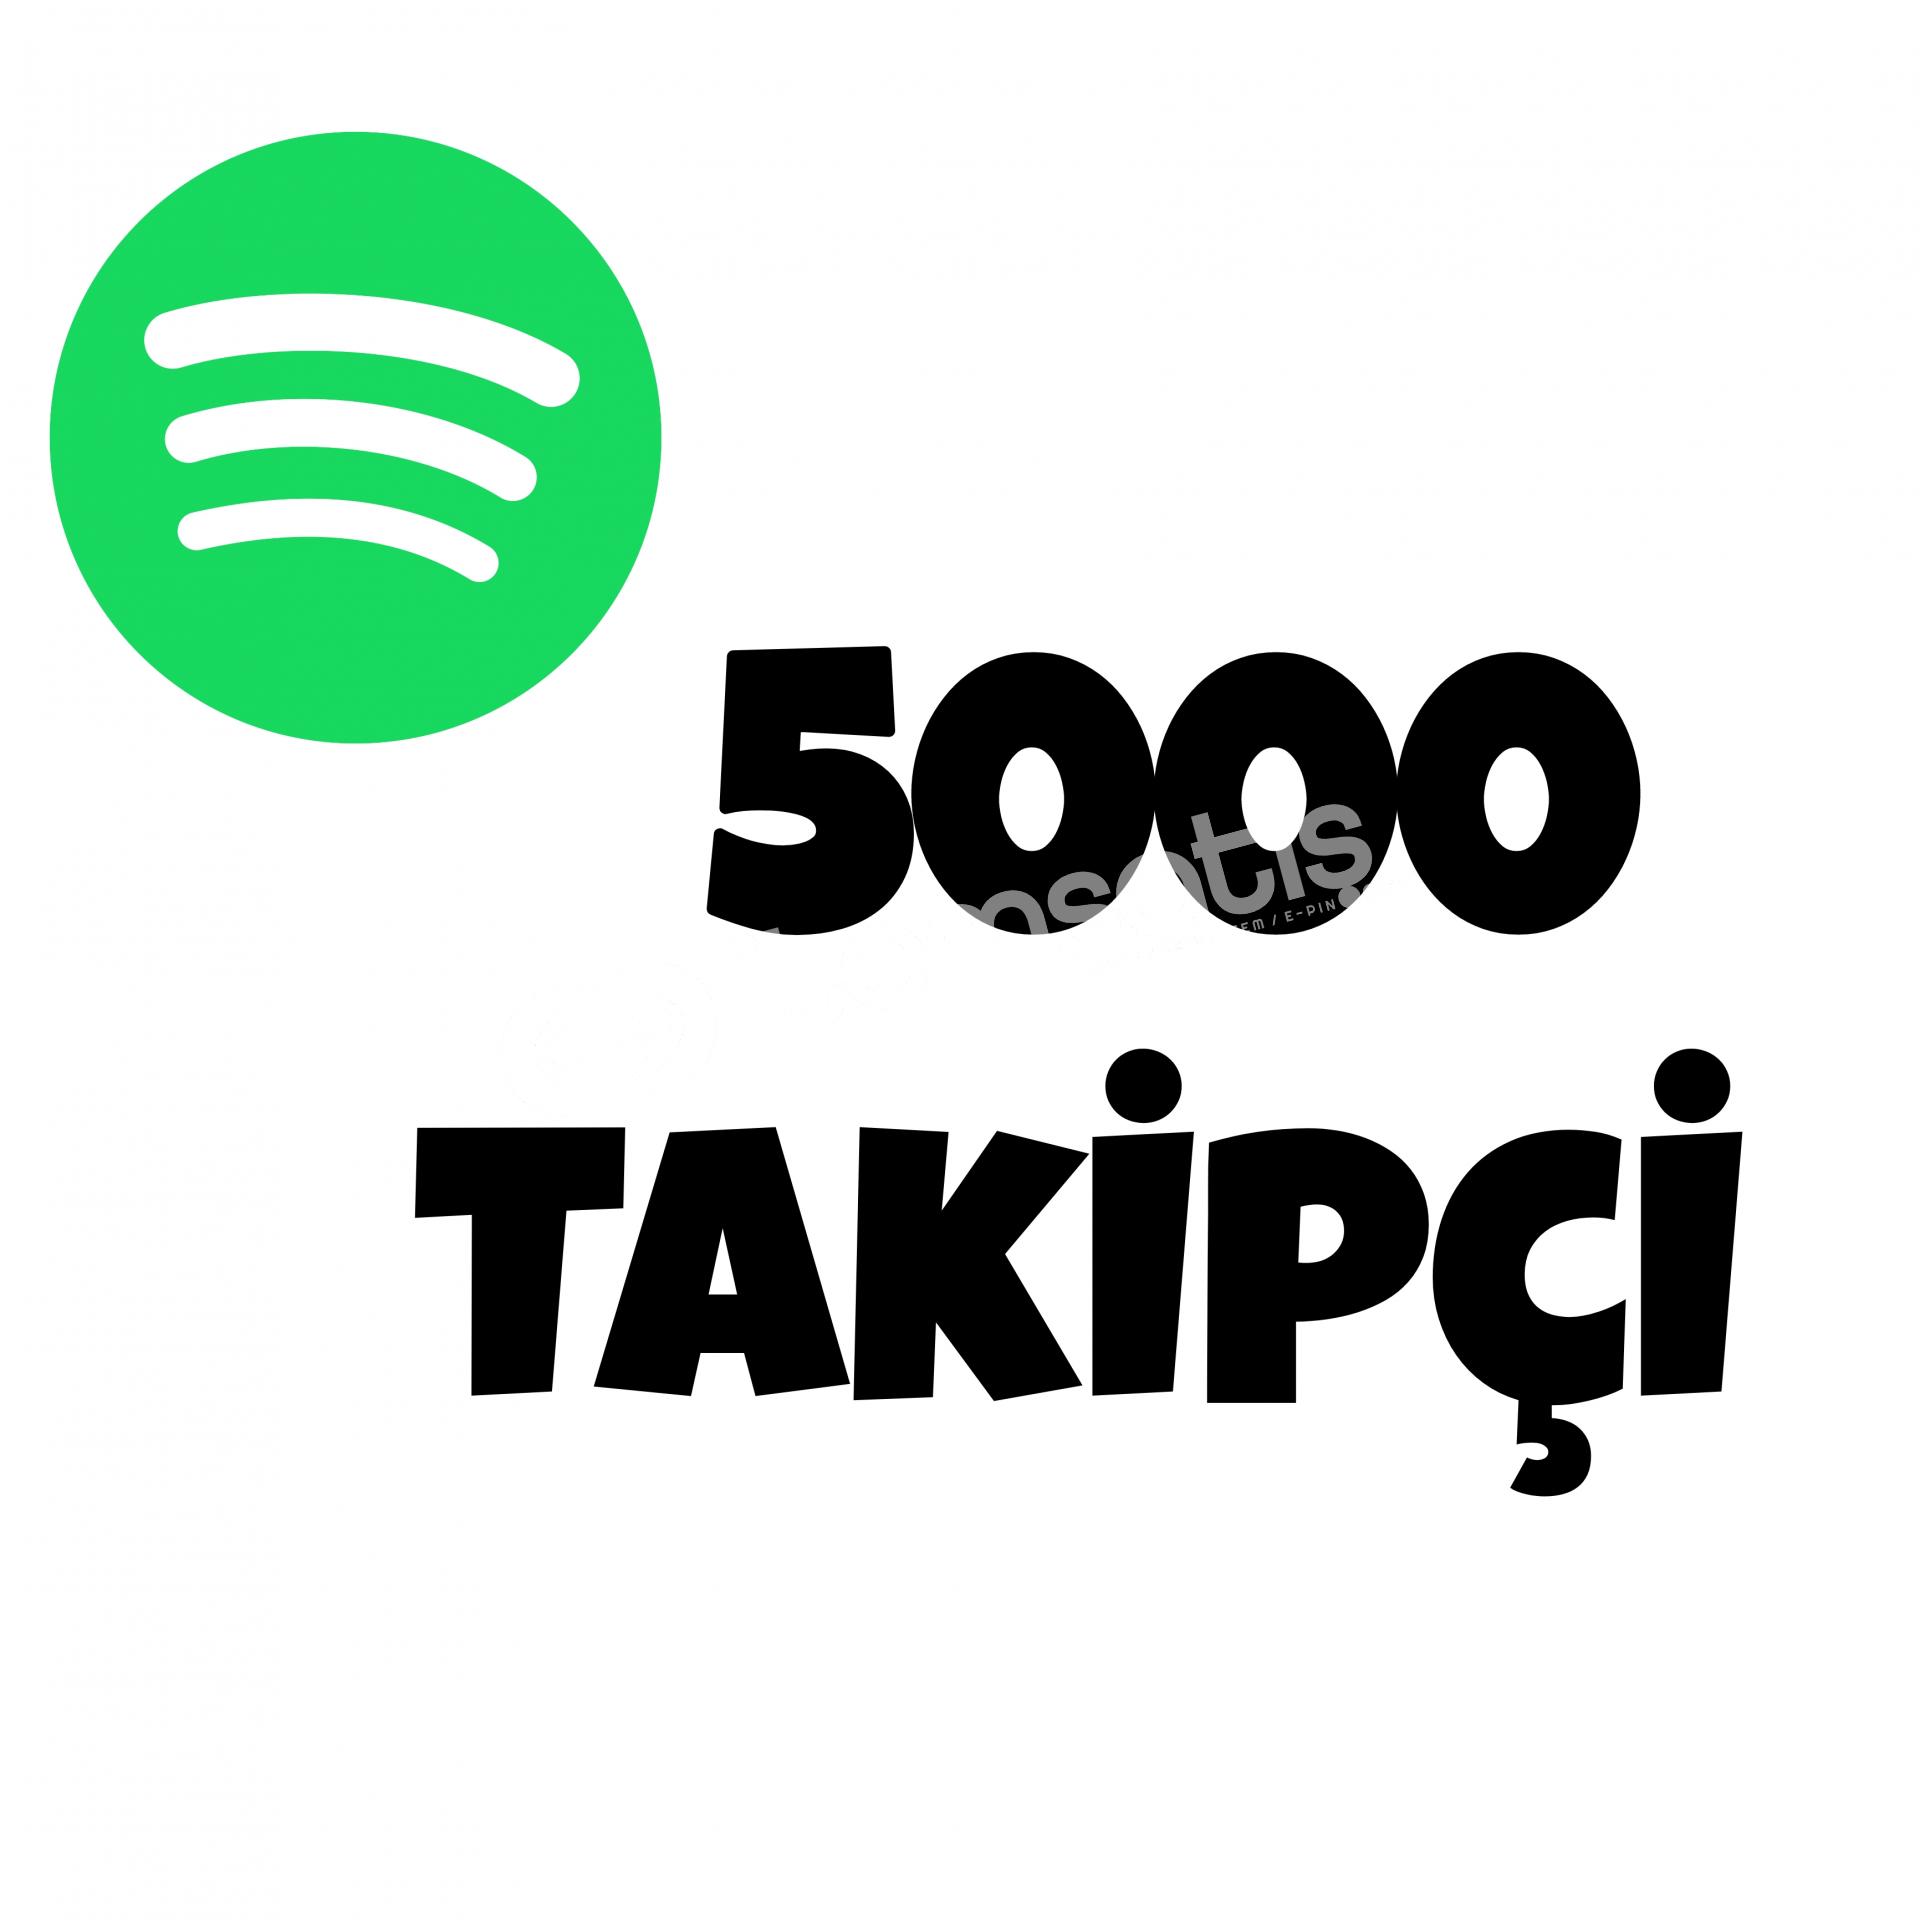 5000 TAKİPÇİ SPOTİFY | HIZLI GÖNDERİM